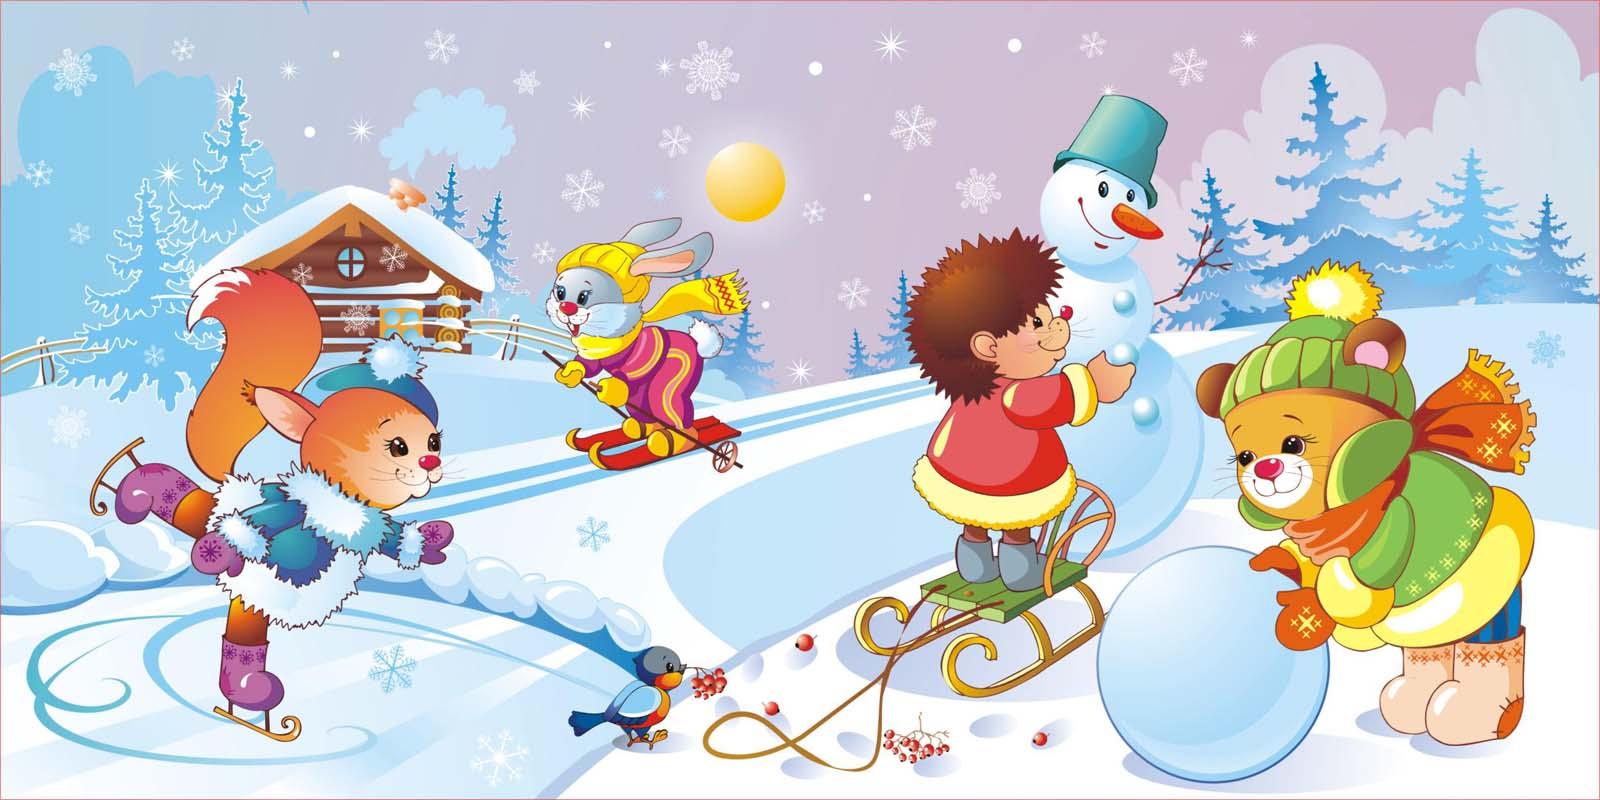 Рисунок на зимнюю тематику для детского сада, дню российской гвардии